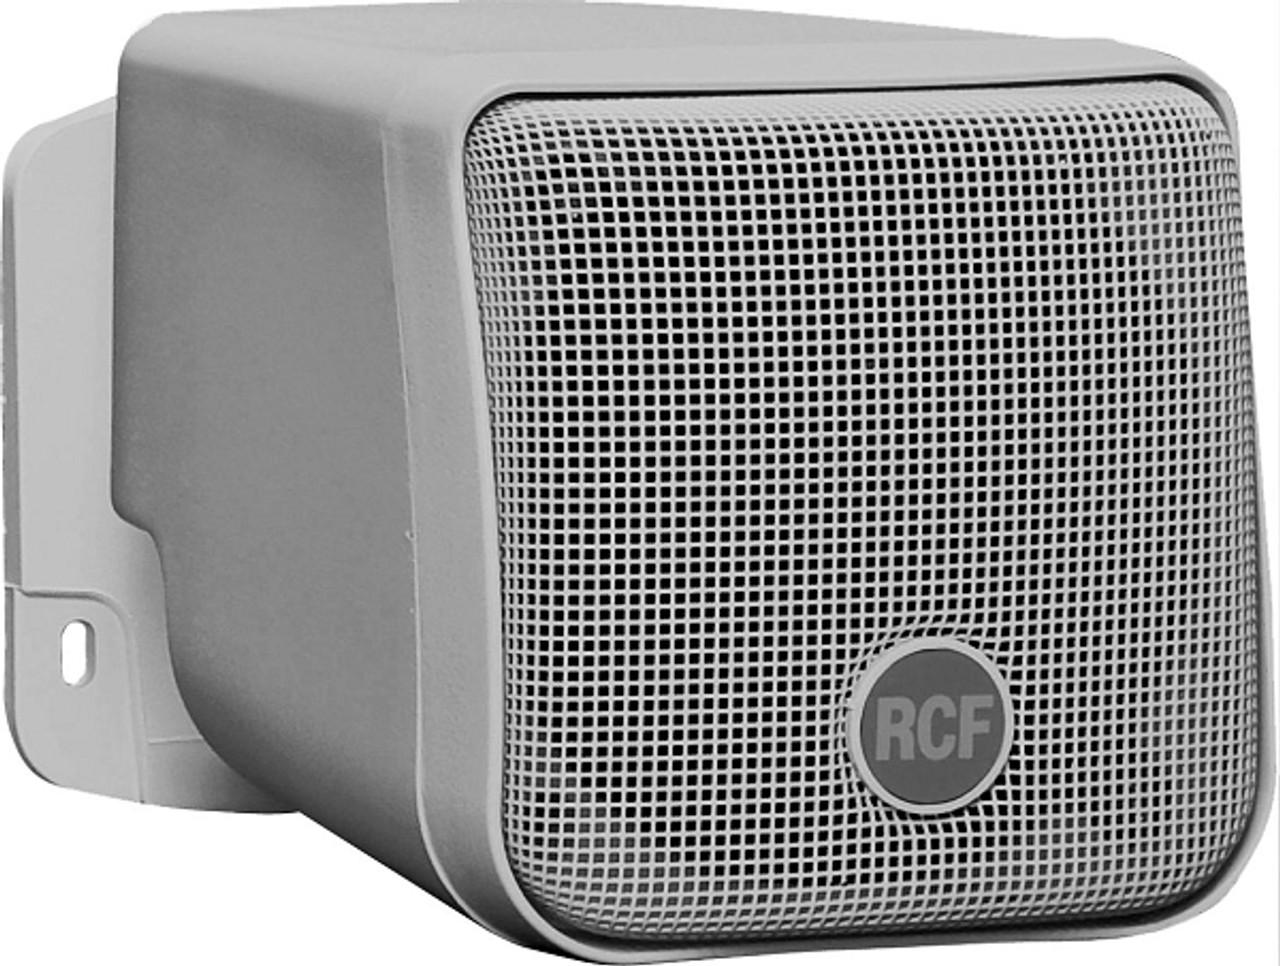 RCF MQ 30P-S Two-Way Miniature Speaker